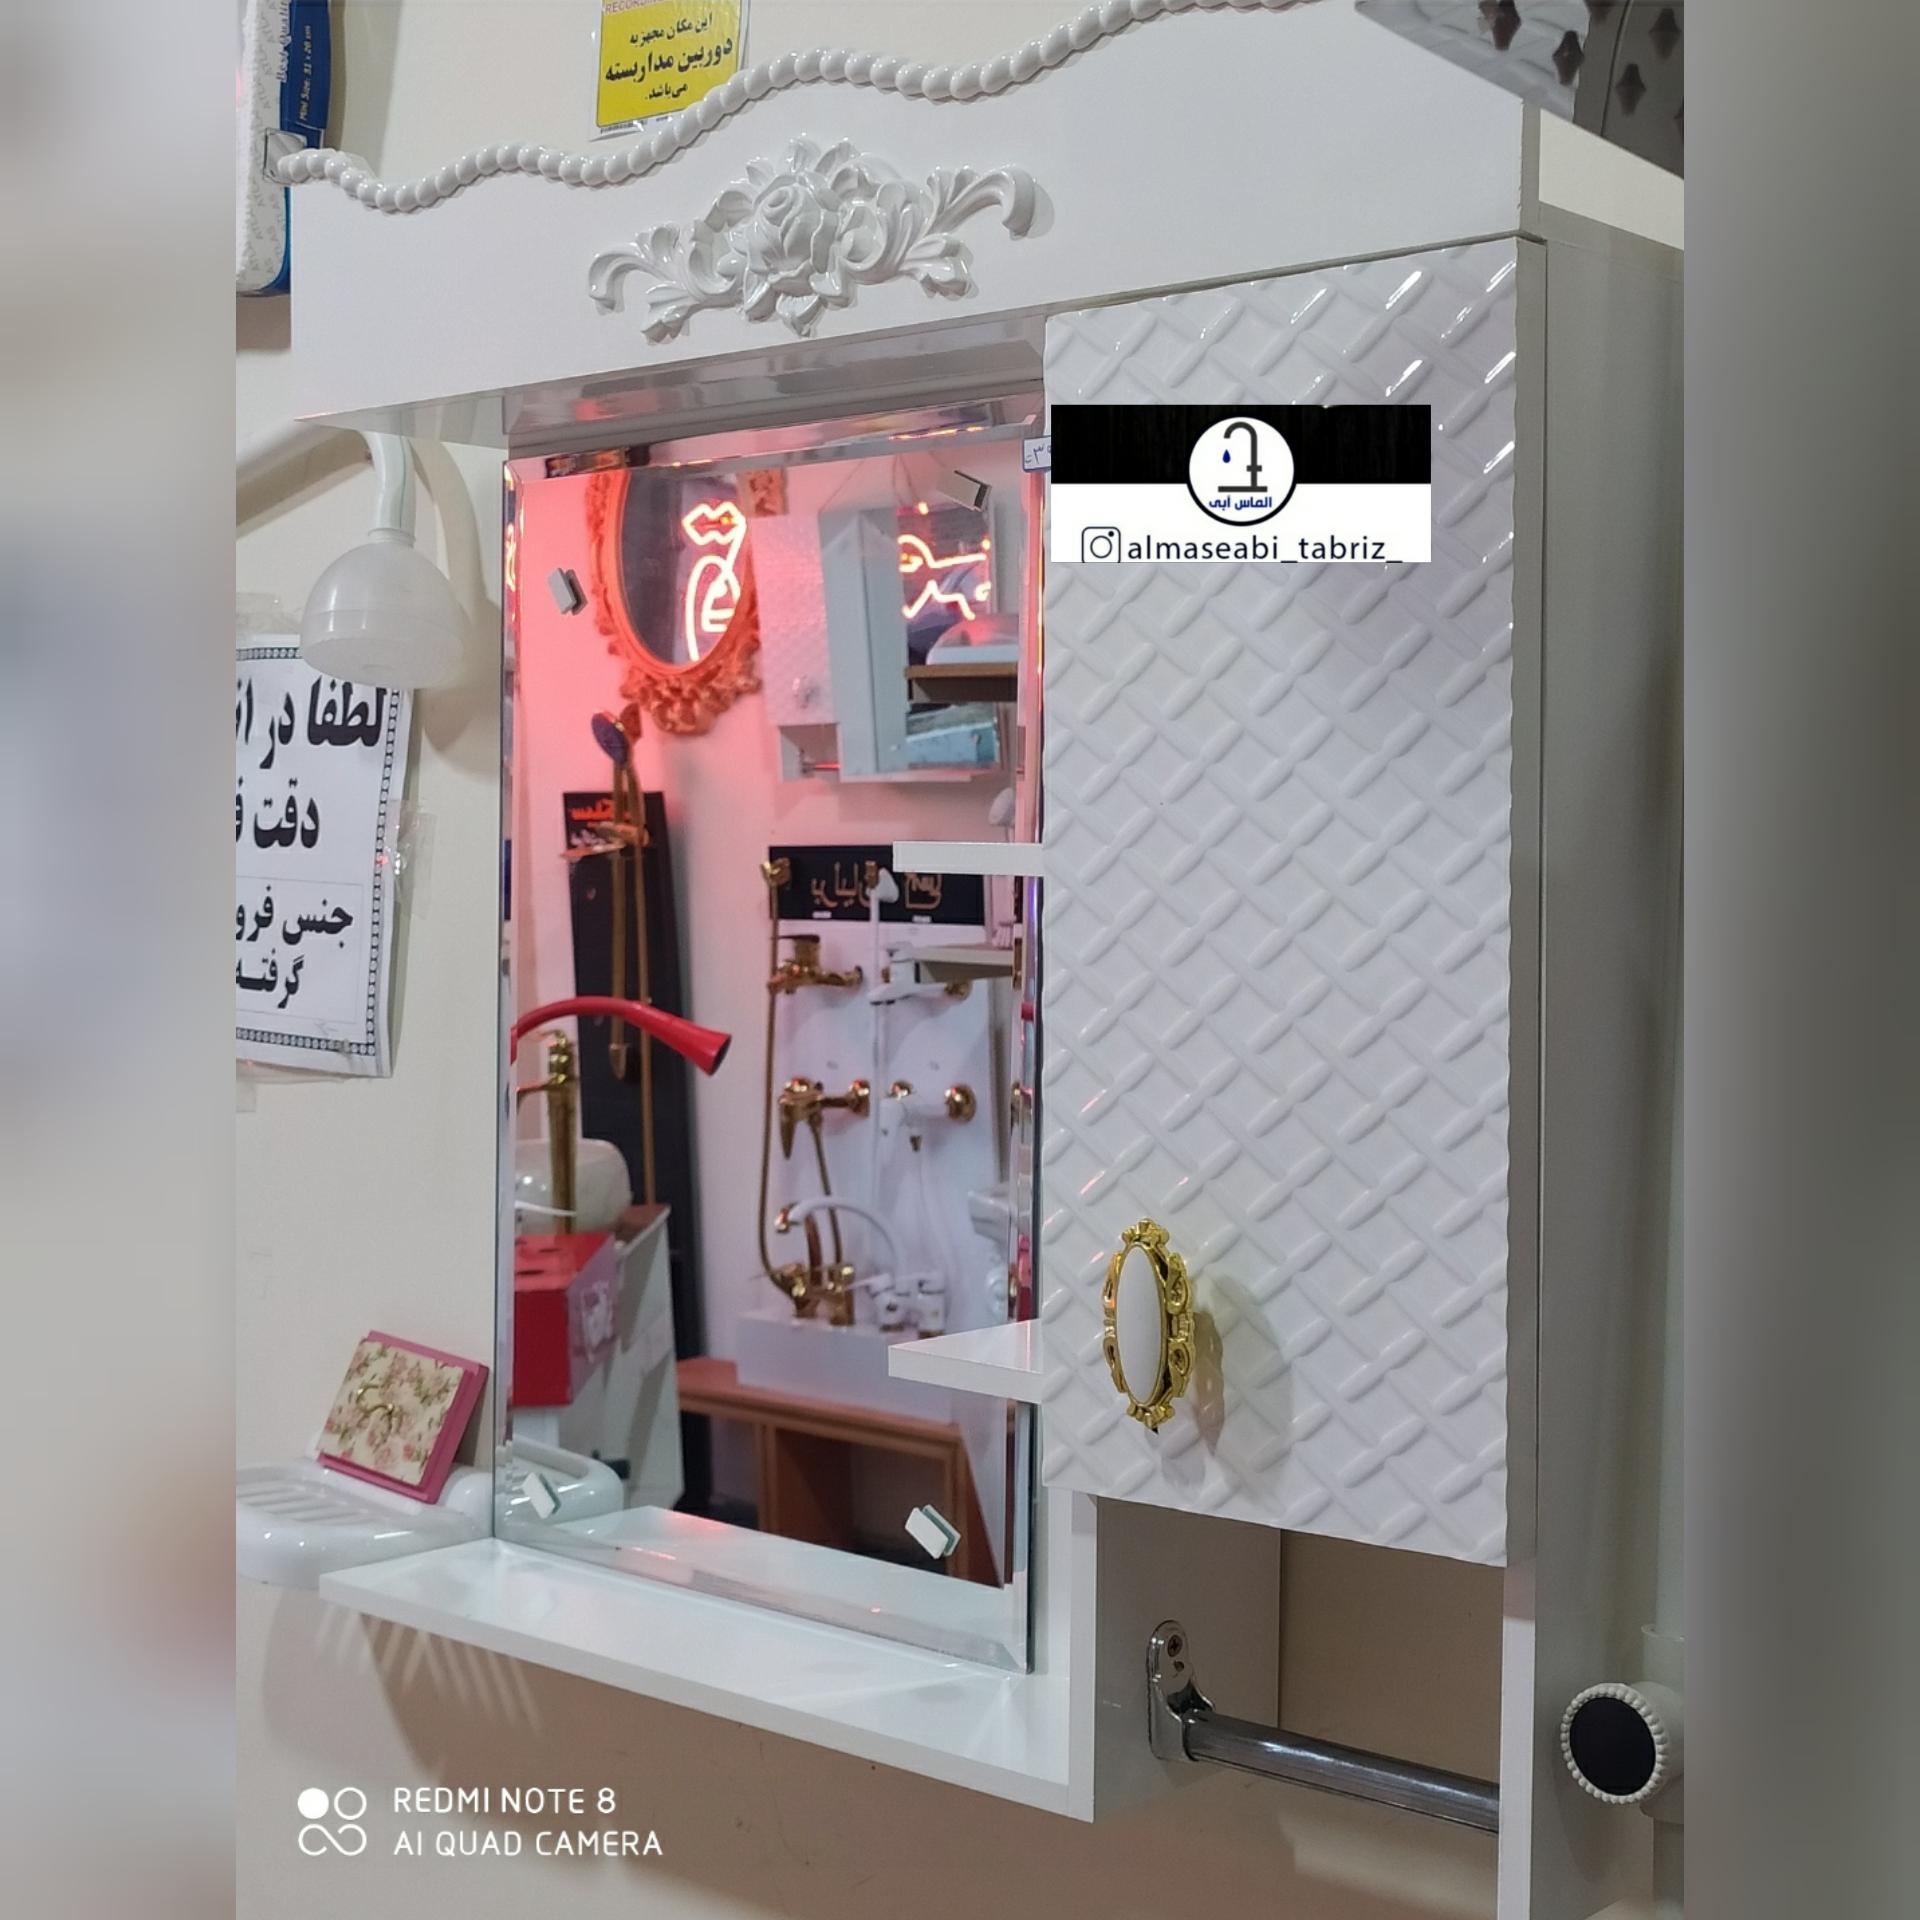 آینه باکس تاجدار ضدآب سرویس بهداشتی و حمام